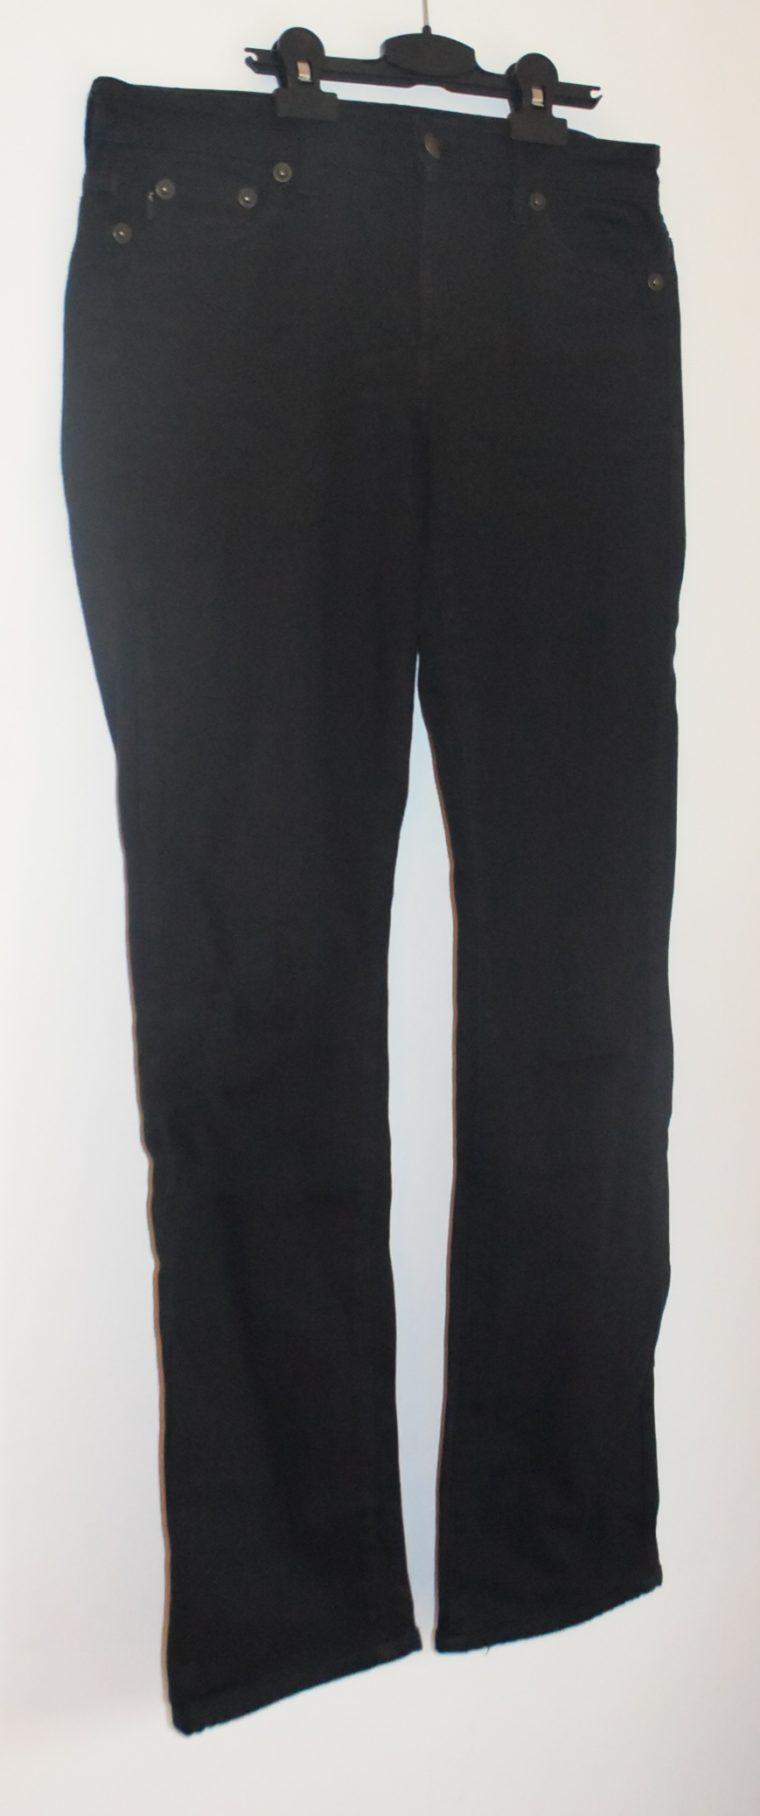 Cavalli Hose Jeans schwarz 27-10872